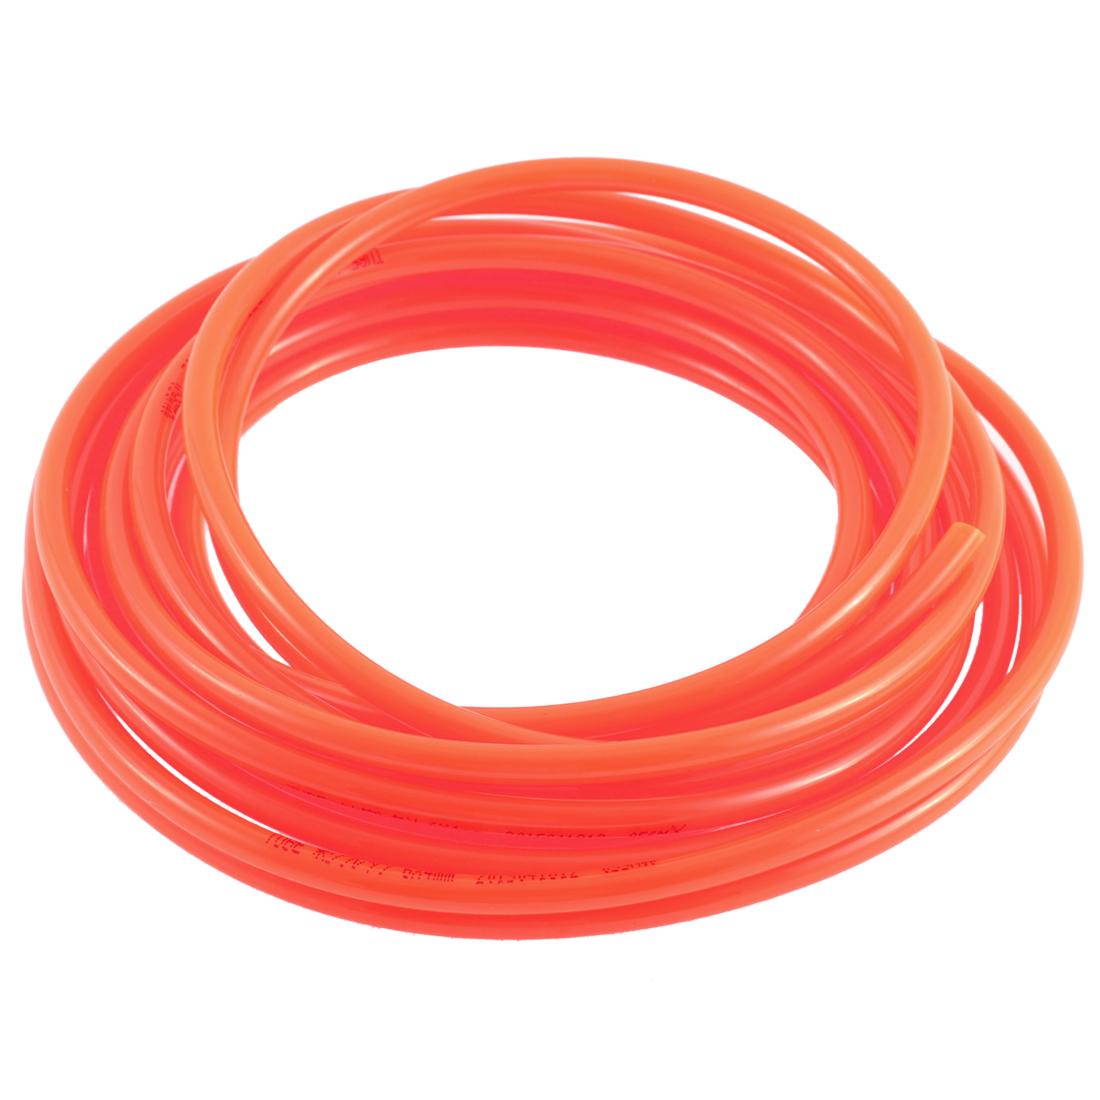 Air Compressor Pneumatic PU Hose Pipe Tube Orange Red 5 M 16.4Ft 6mm x 4mm